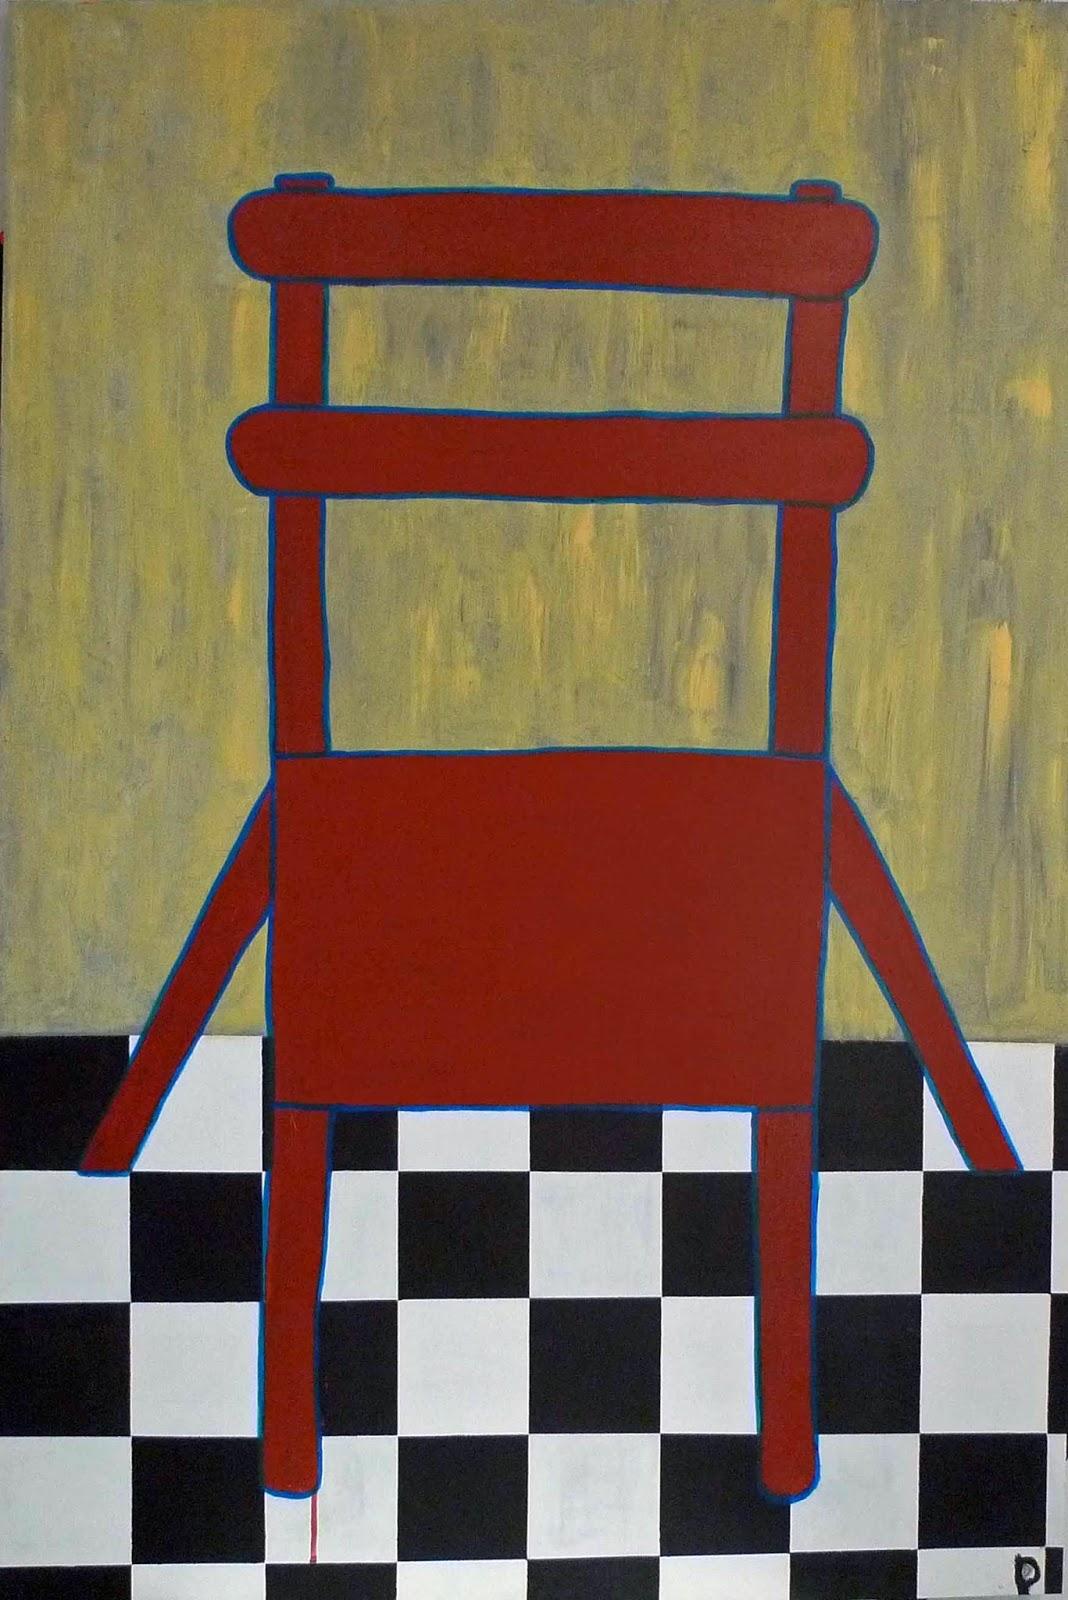 Denieuwepanorama gedeelde verbeelding de rode stoel en die van vincent van gogh - Stoel rode huis van de wereld ...